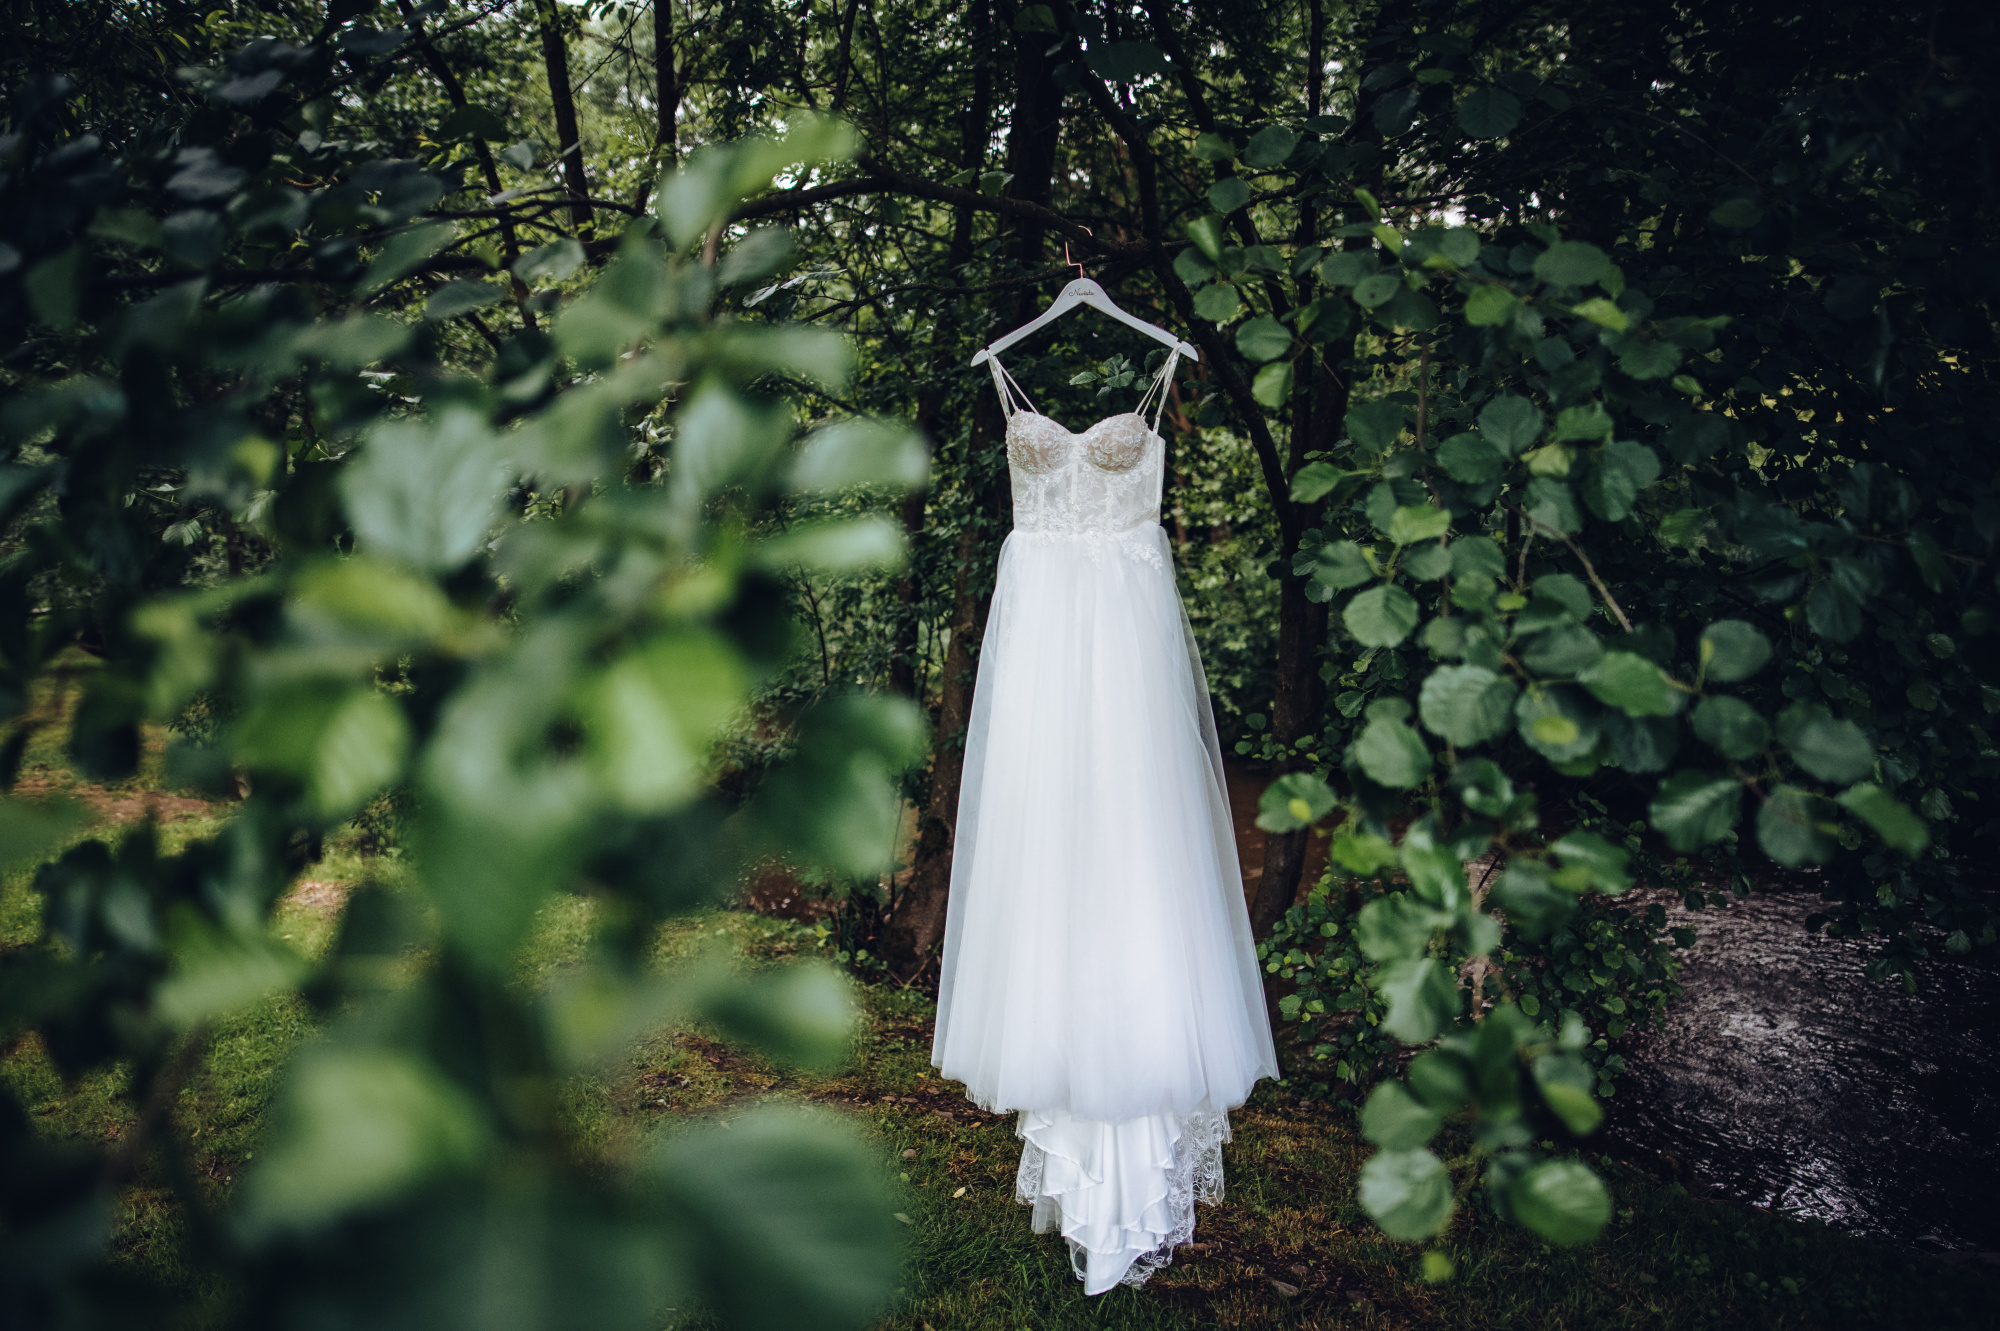 Svatební šaty v přírodě